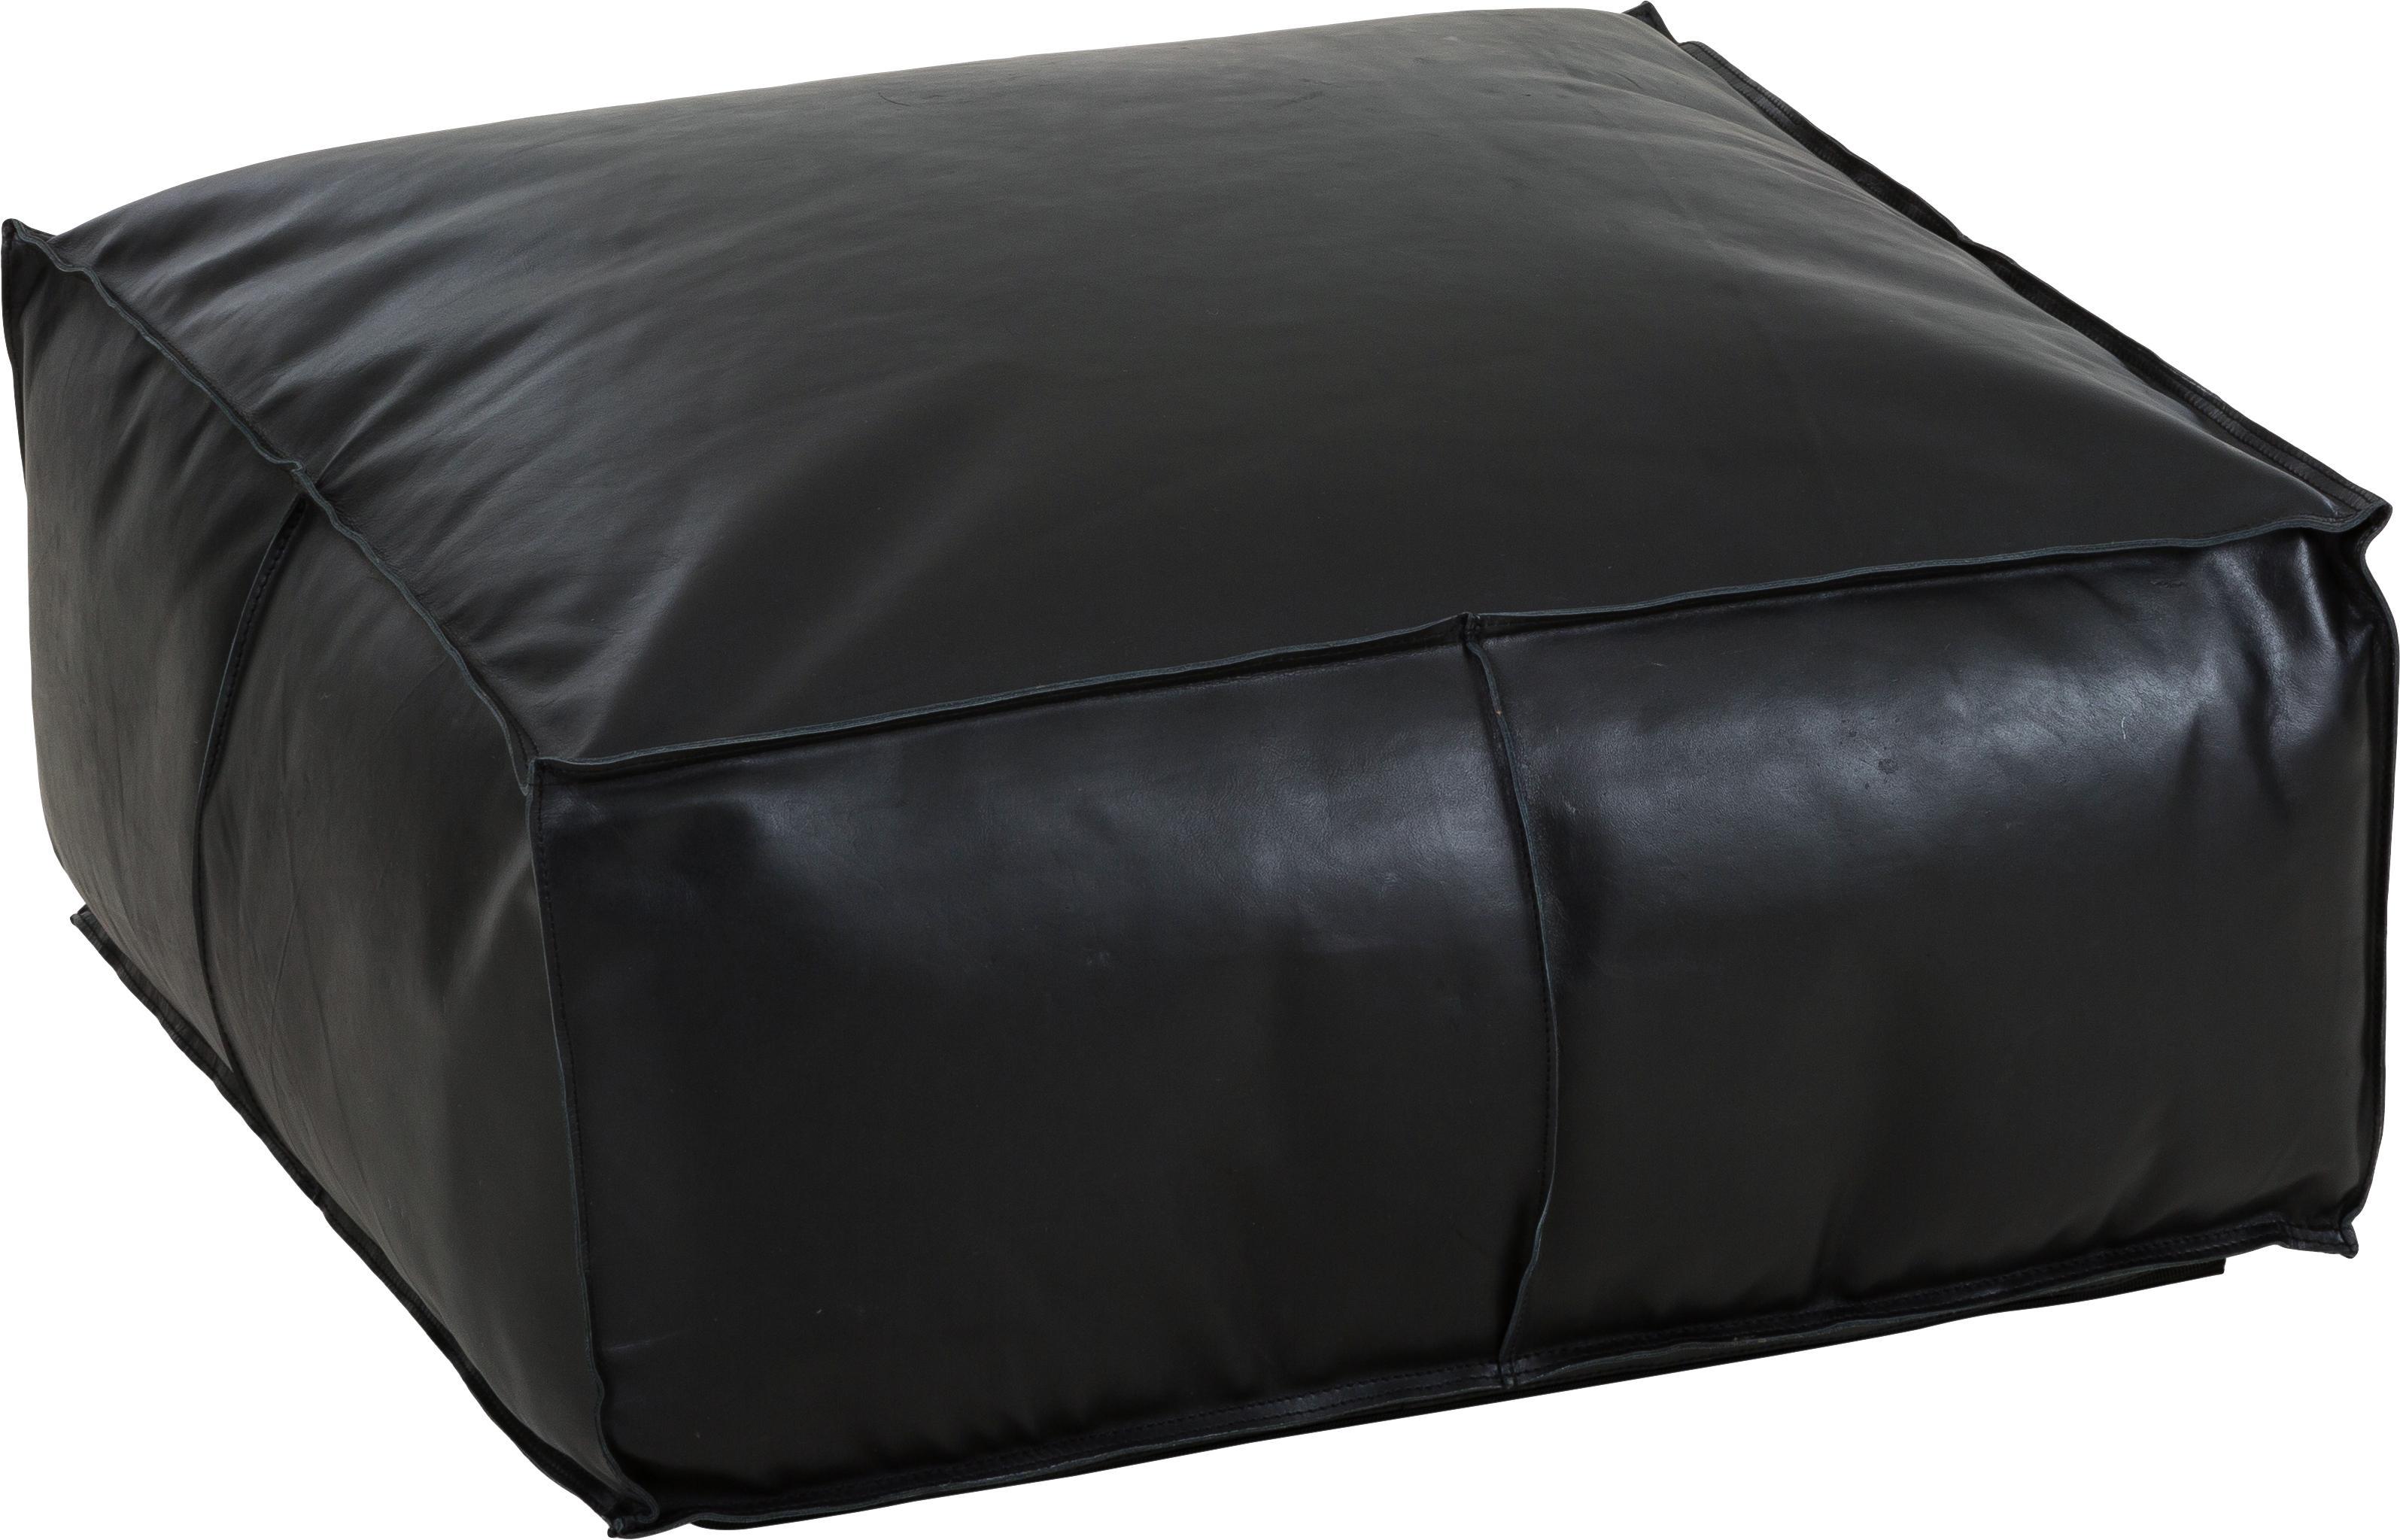 Grosser Leder-Pouf Arabica, Bezug: Leder Unterseite, Schwarz, 70 x 30 cm